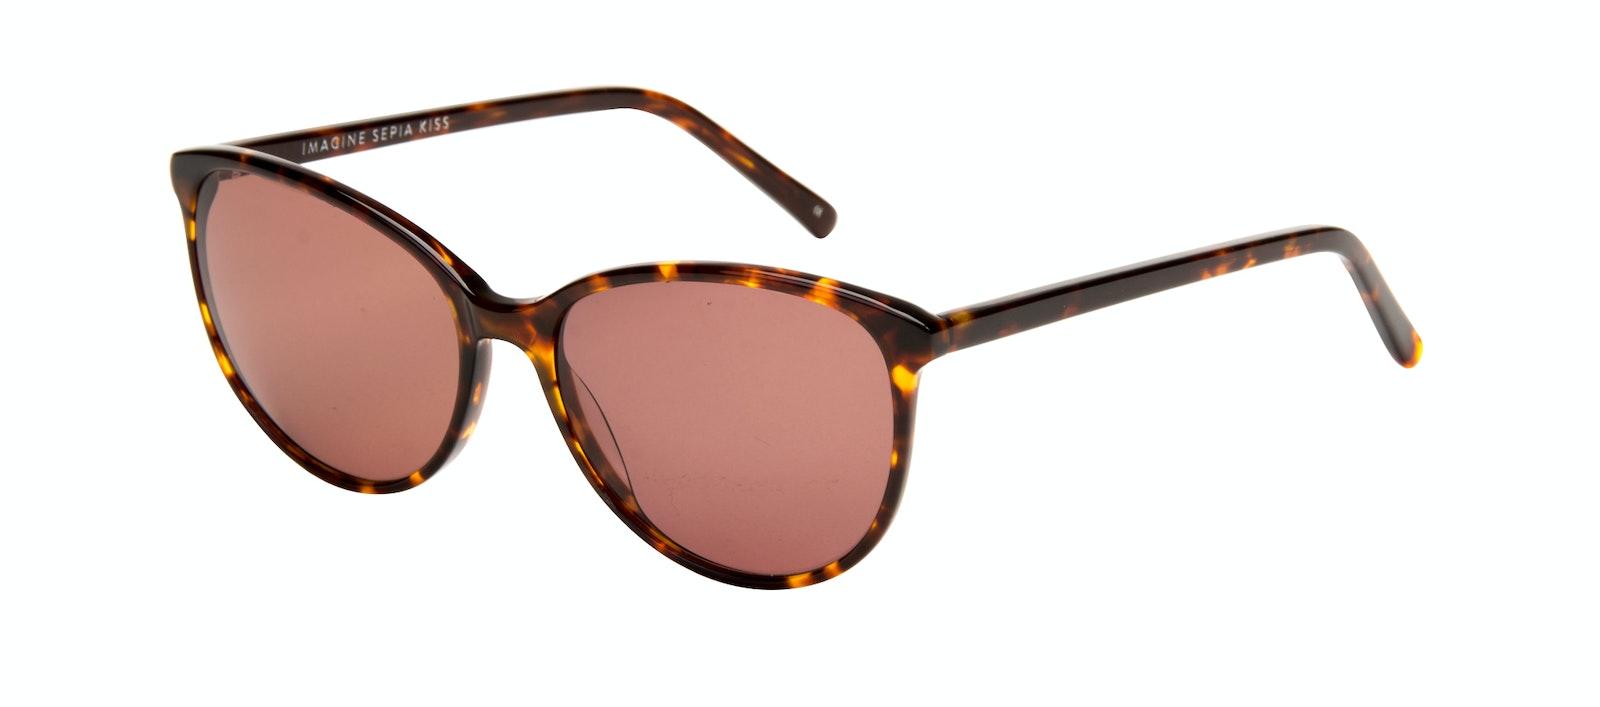 Affordable Fashion Glasses Round Sunglasses Women Imagine Sepia Kiss Tilt